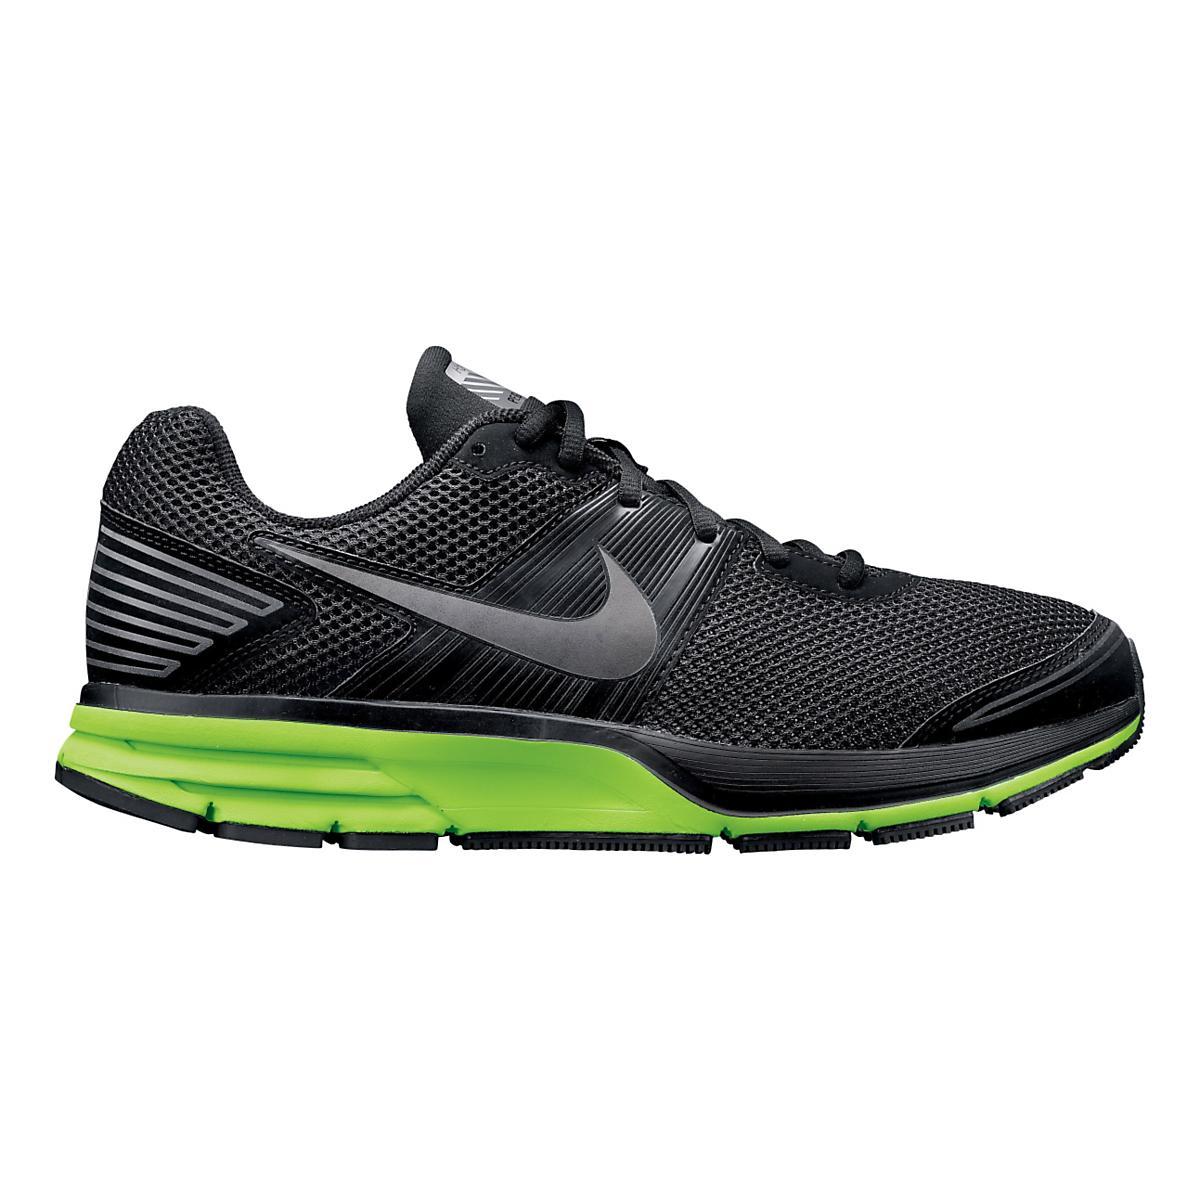 0904274c67c9b Mens Nike Air Pegasus+ 29 Shield Running Shoe at Road Runner Sports